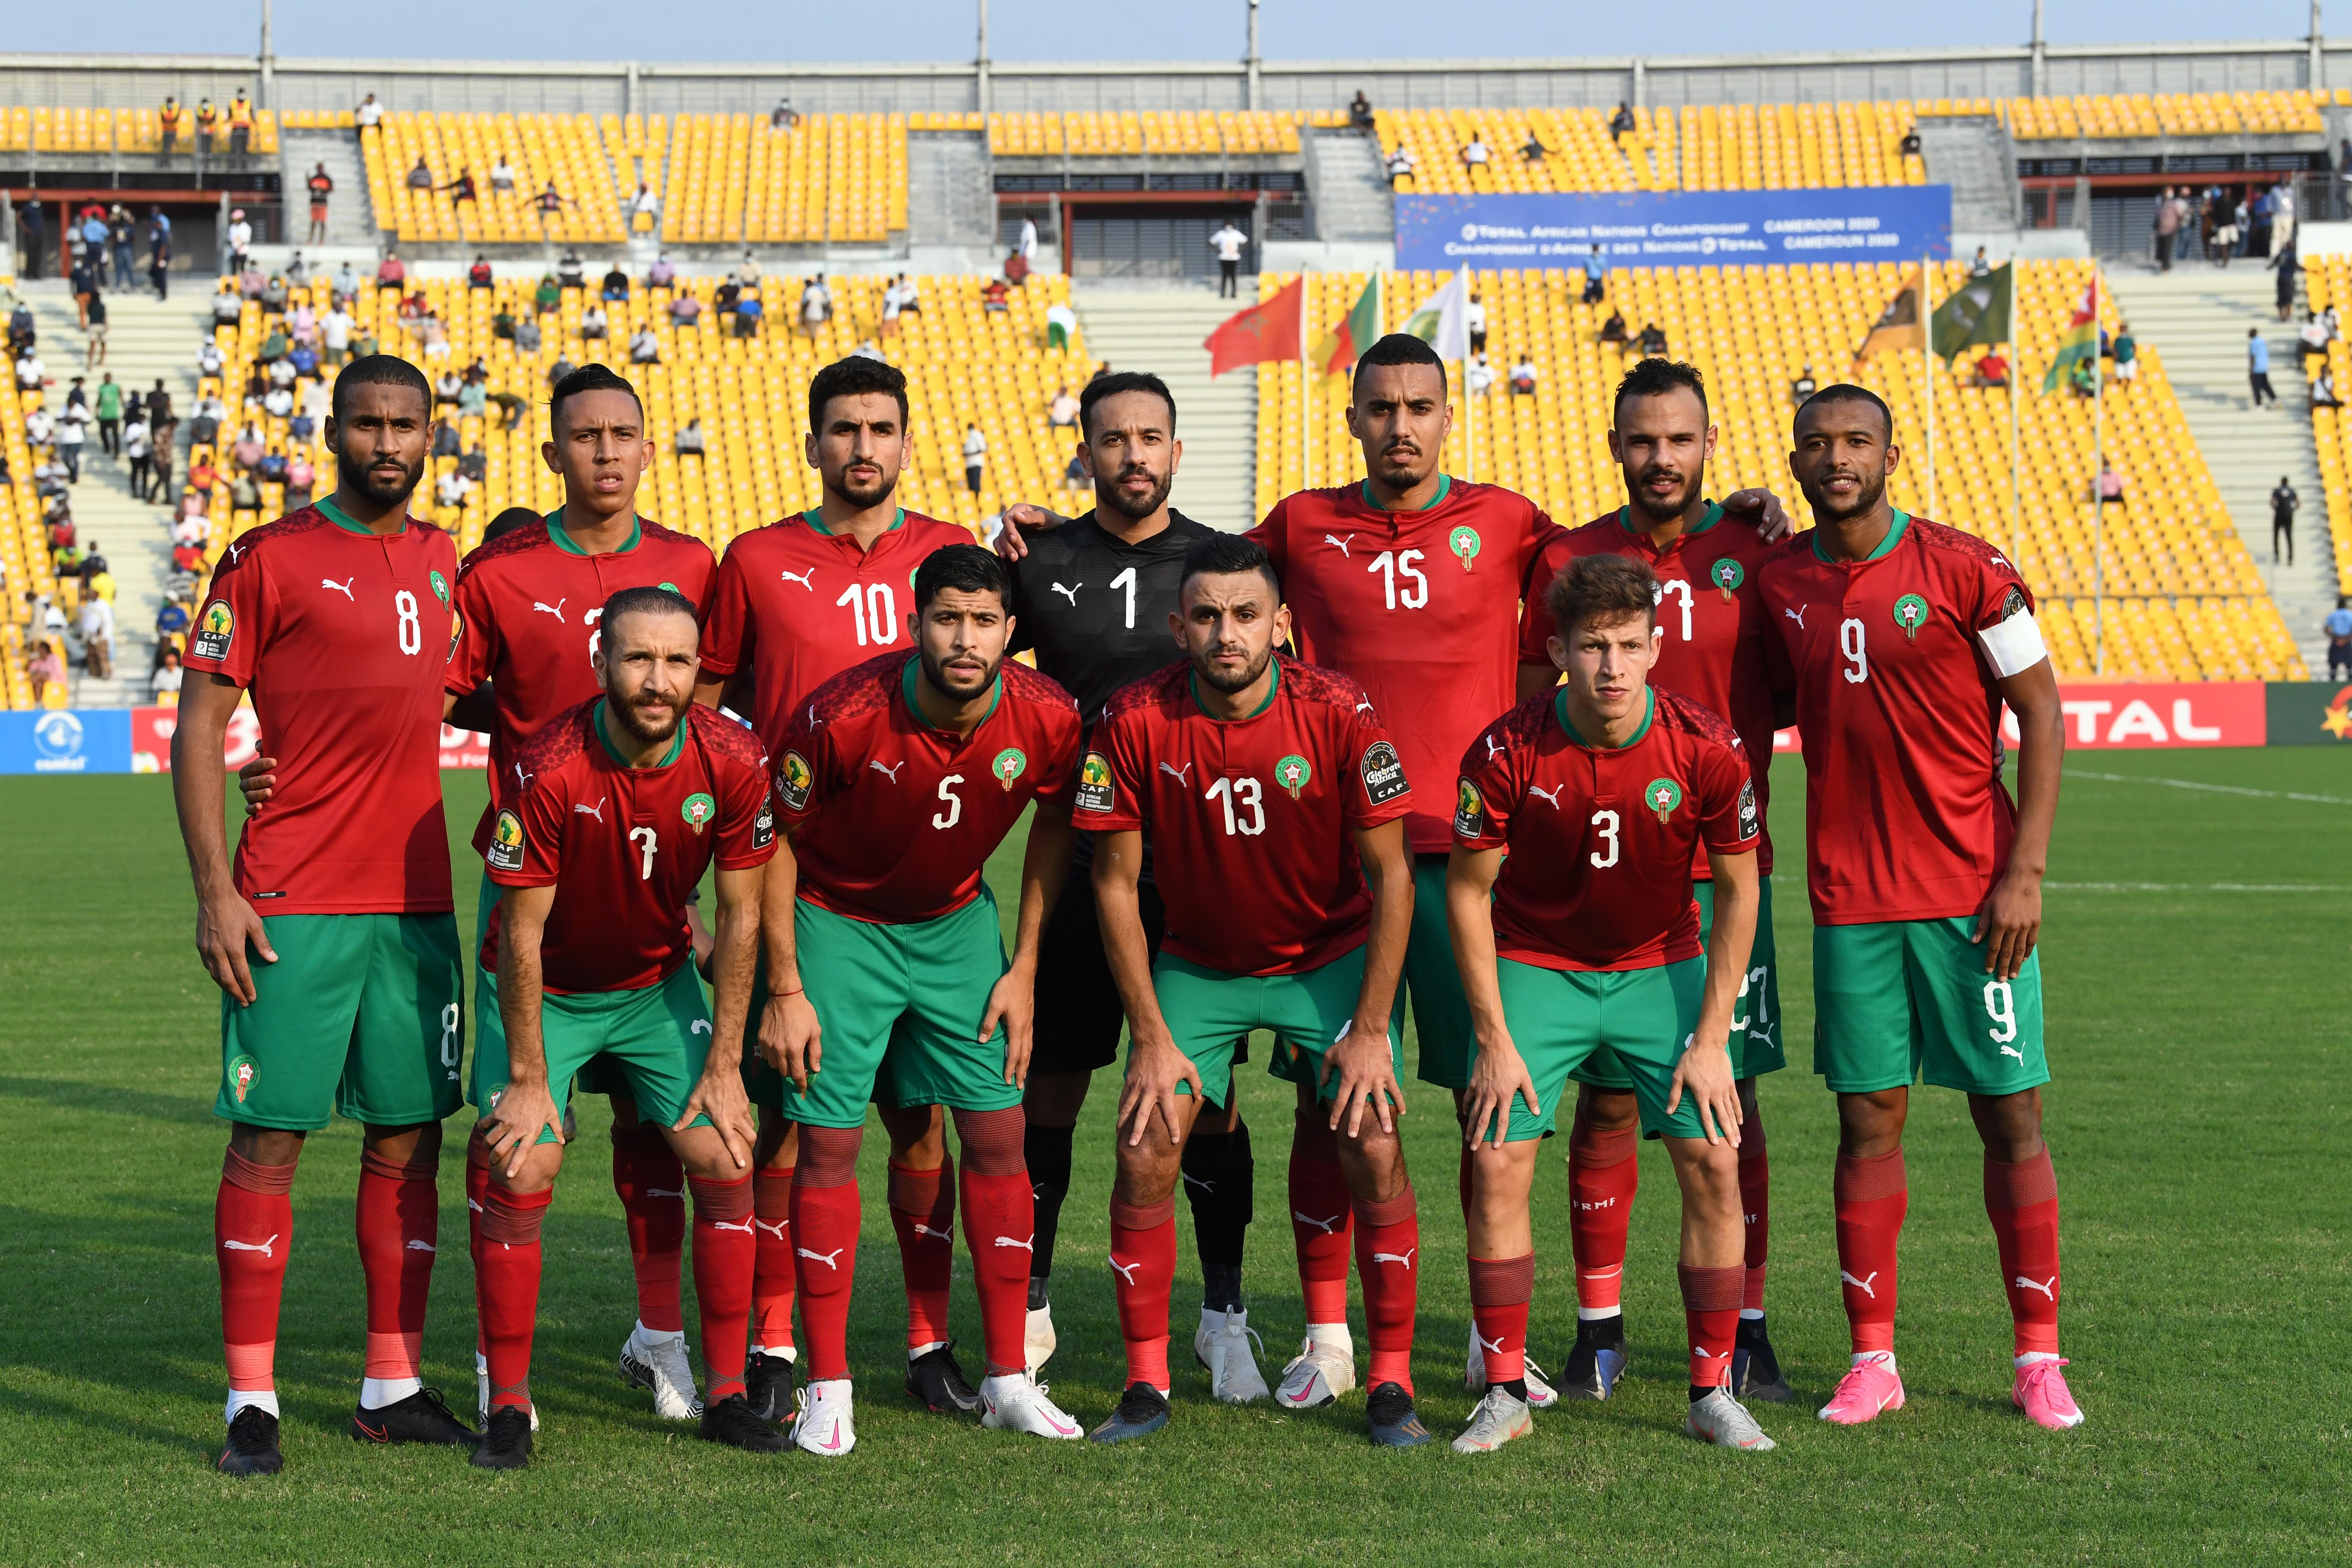 بطولة إفريقيا للمحليين: حكم من جزر القمر يقود مباراة المنتخب الوطني